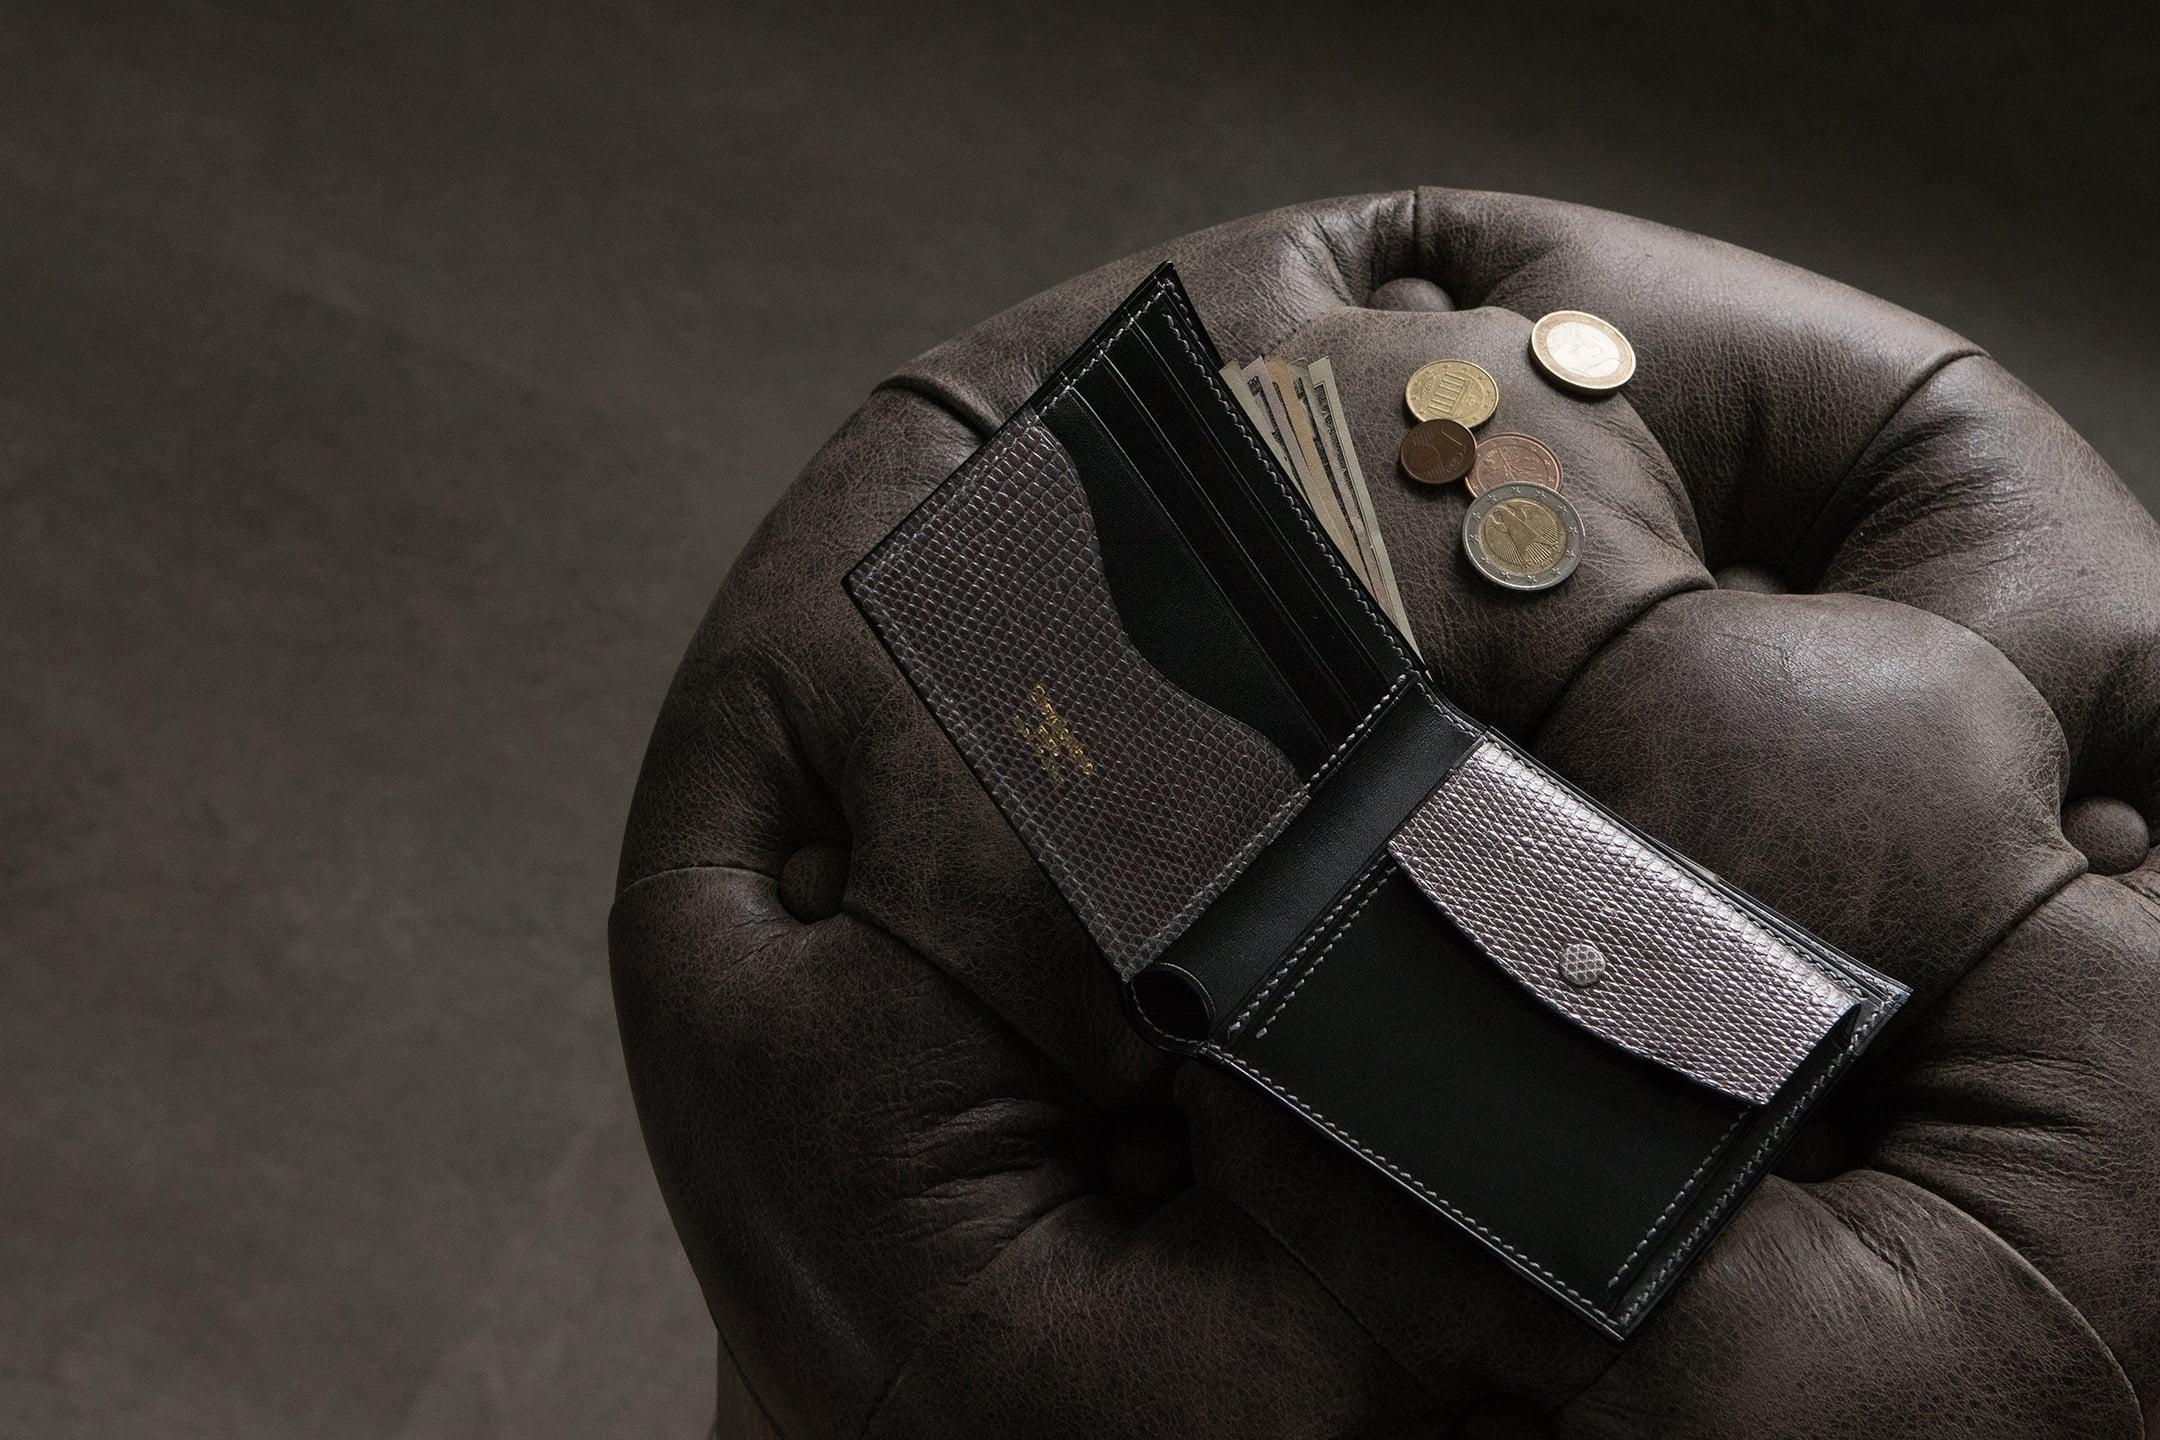 ブリランテ x リザード 二つ折り財布 by Crevaleathco(クレバレスコ)